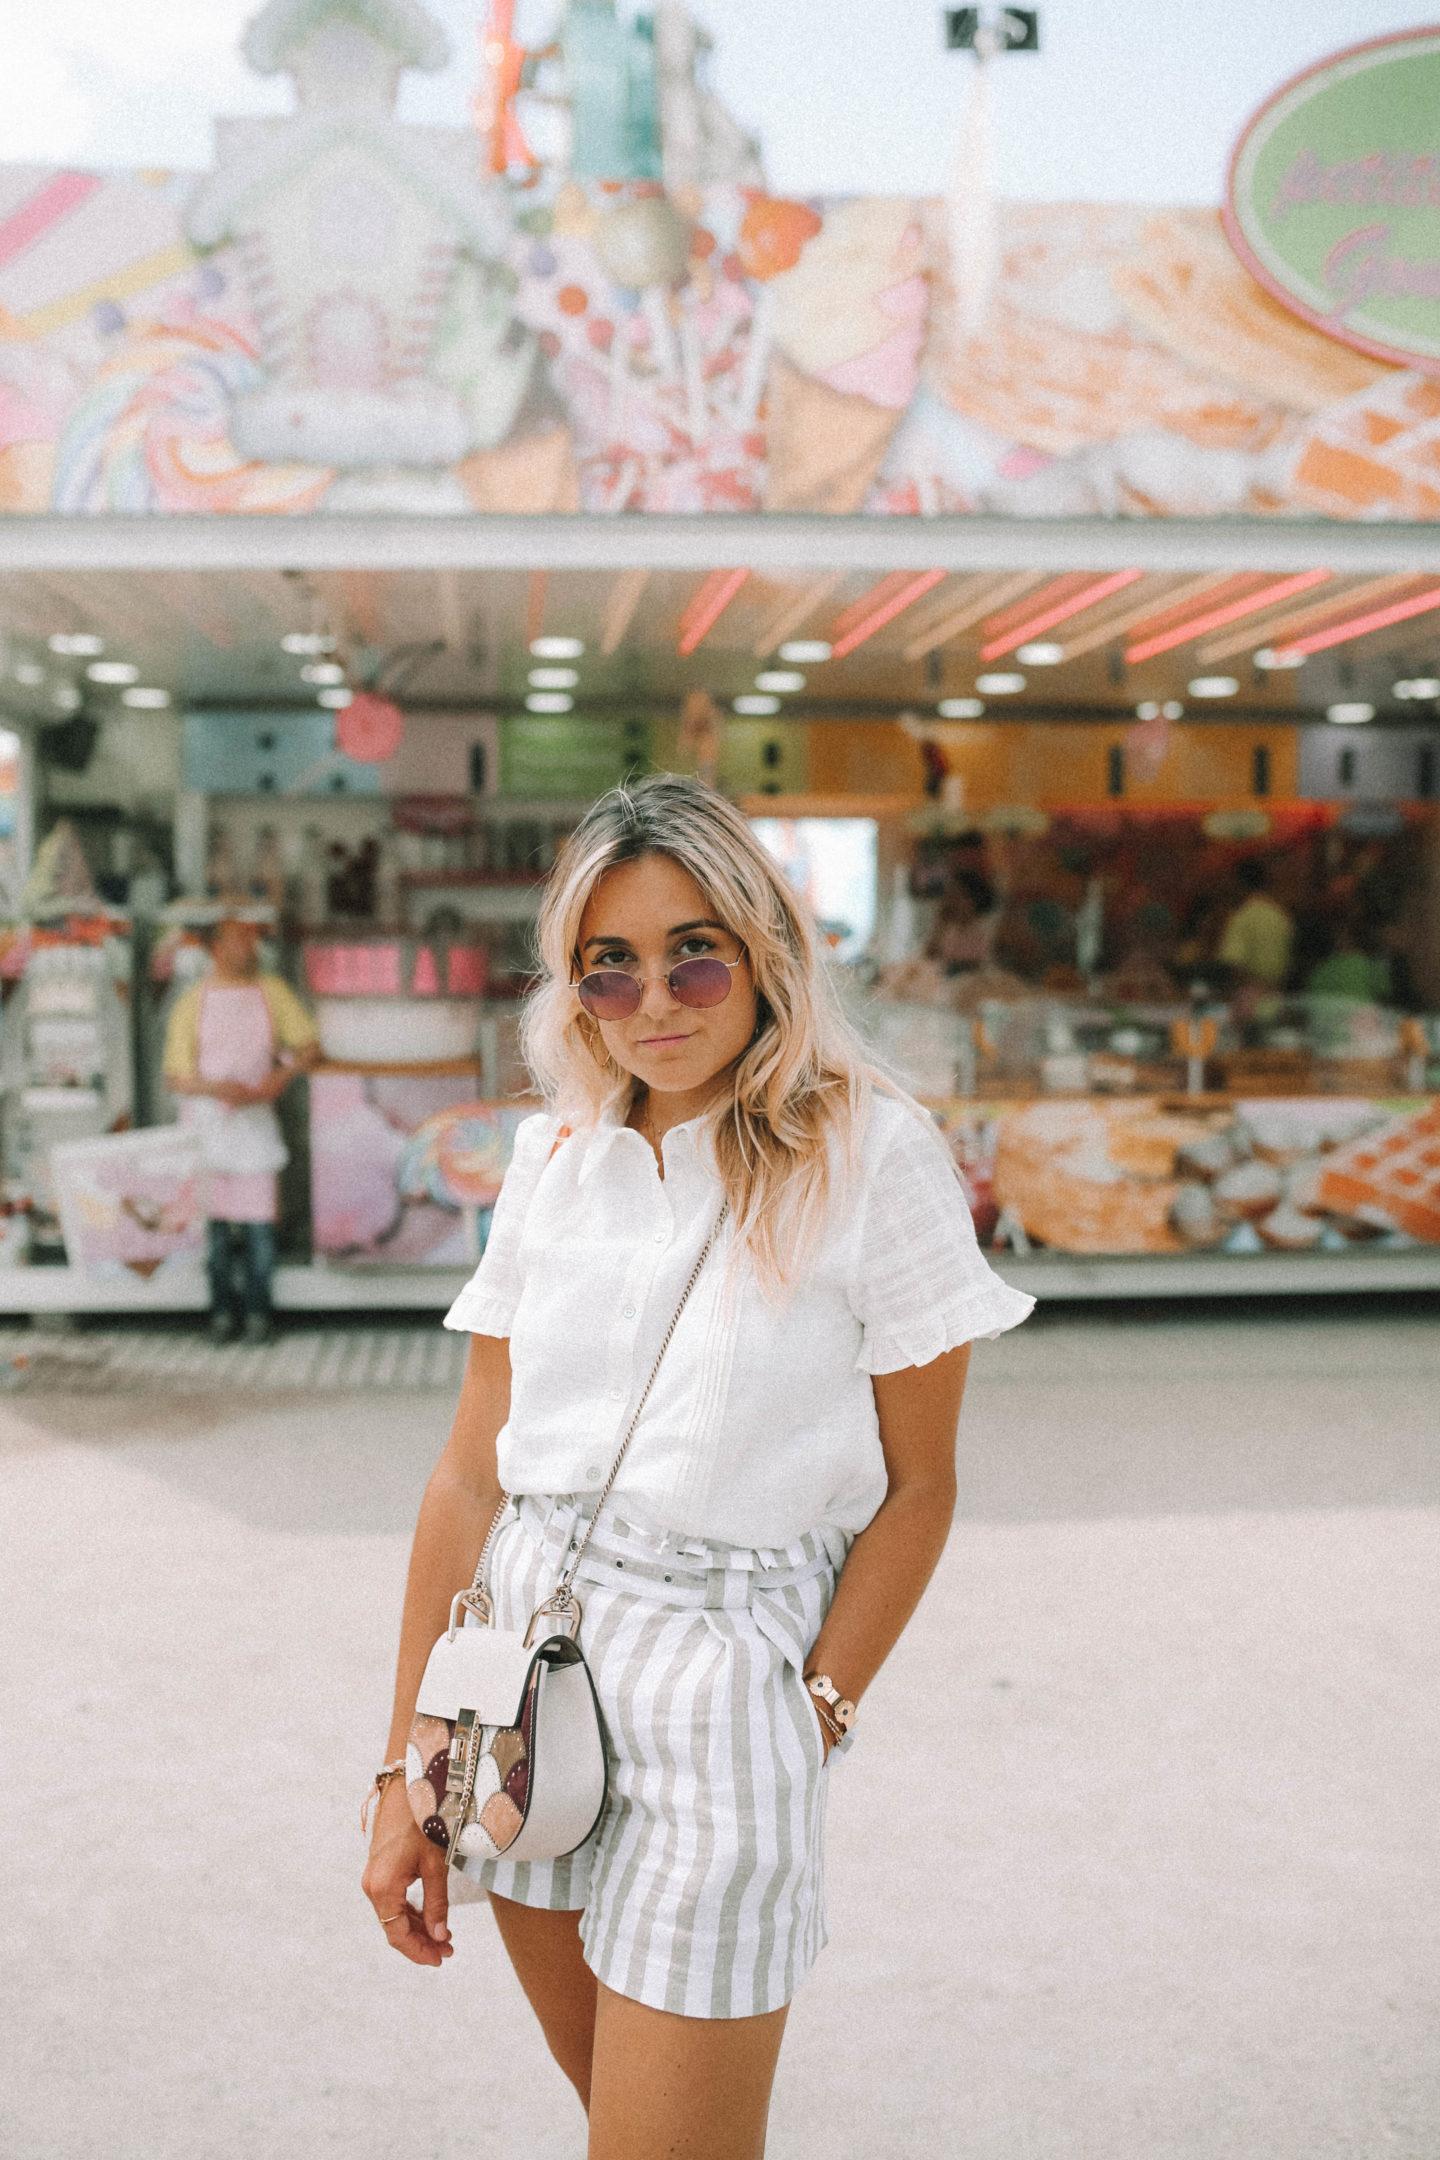 Blouse Bohème Balzac Paris - Blondie Baby blog mode et voyages Paris